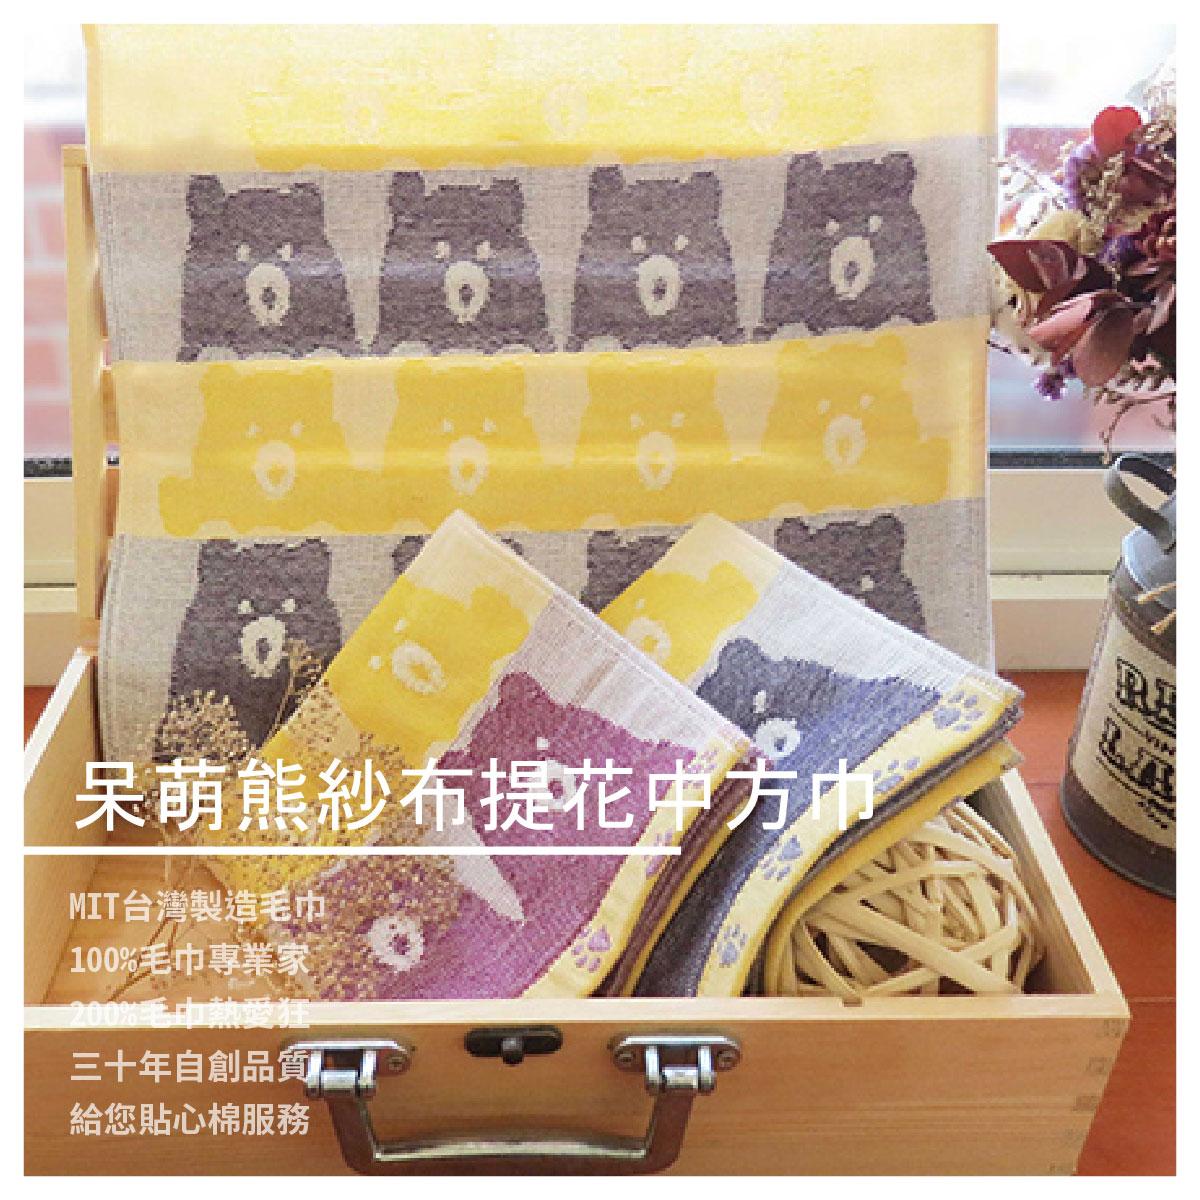 【彩虹毛巾】908F 呆萌熊紗布提花中方巾/單入